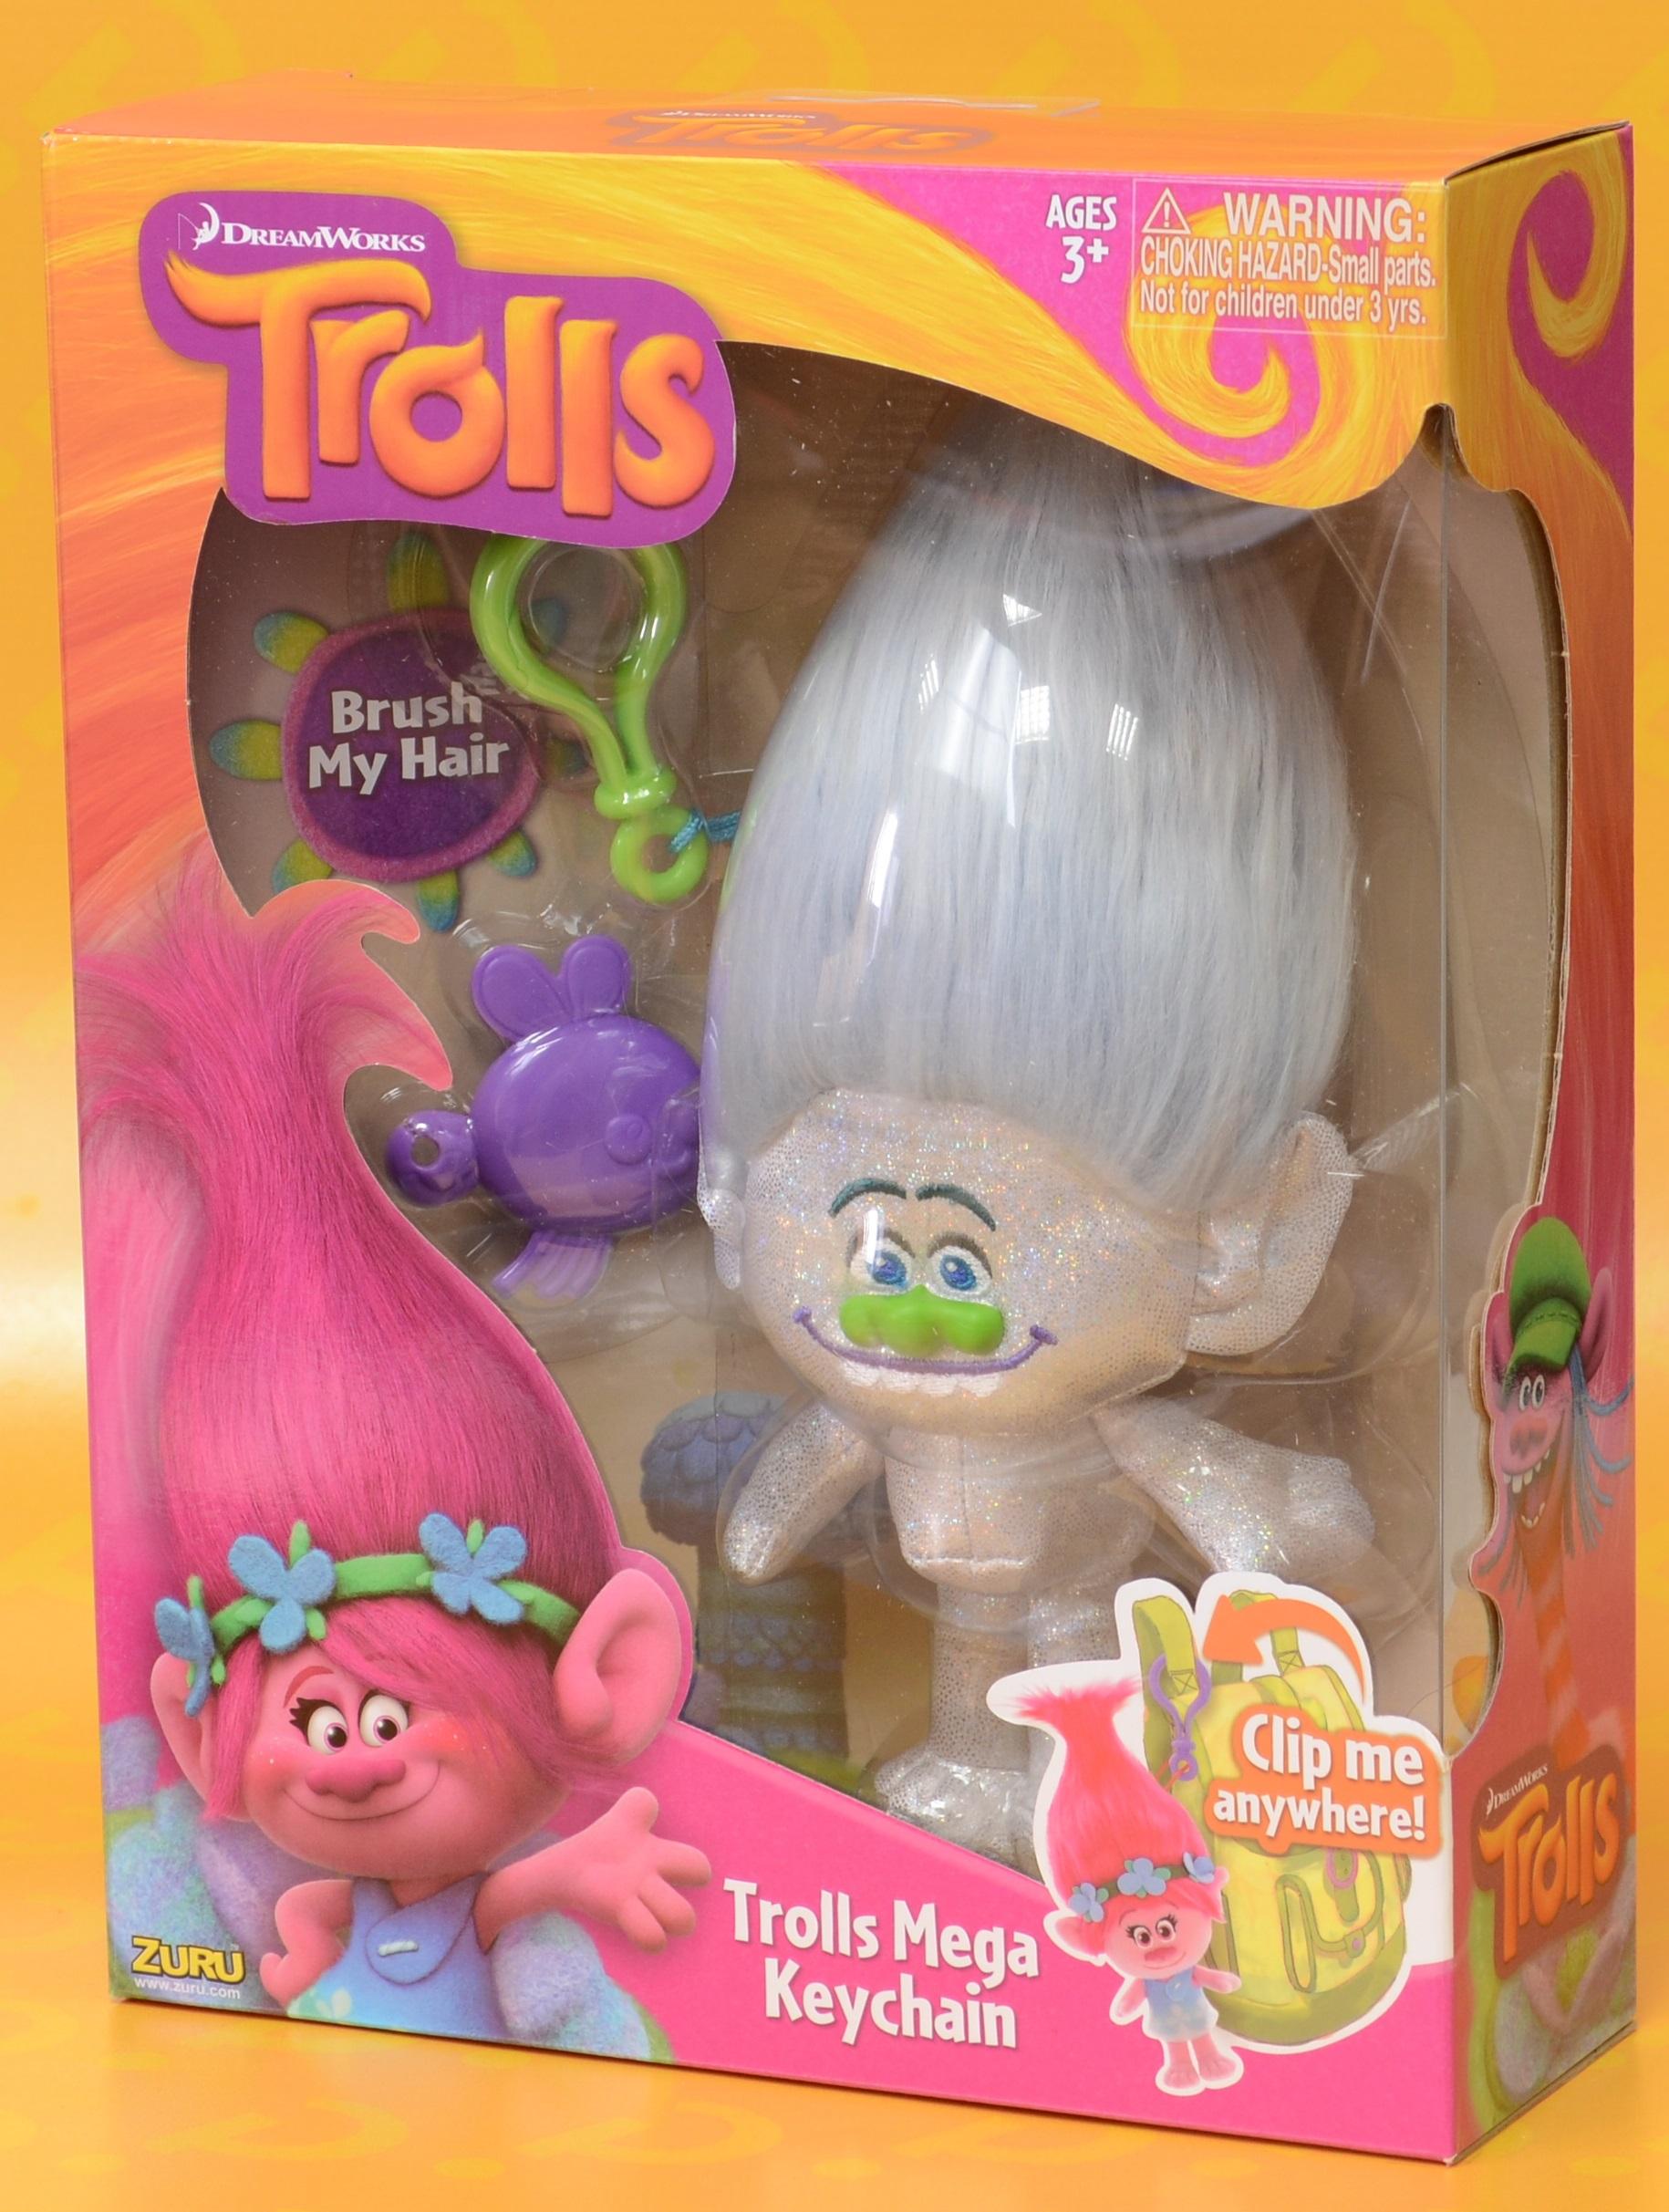 Мягкая игрушка Trolls. Тролль Алмаз (Diamond)Представляем вашему вниманию мягкую игрушку Trolls. Тролль Алмаз, созданную по мотивам анимационного фильма производства DreamWorks Animation.<br>